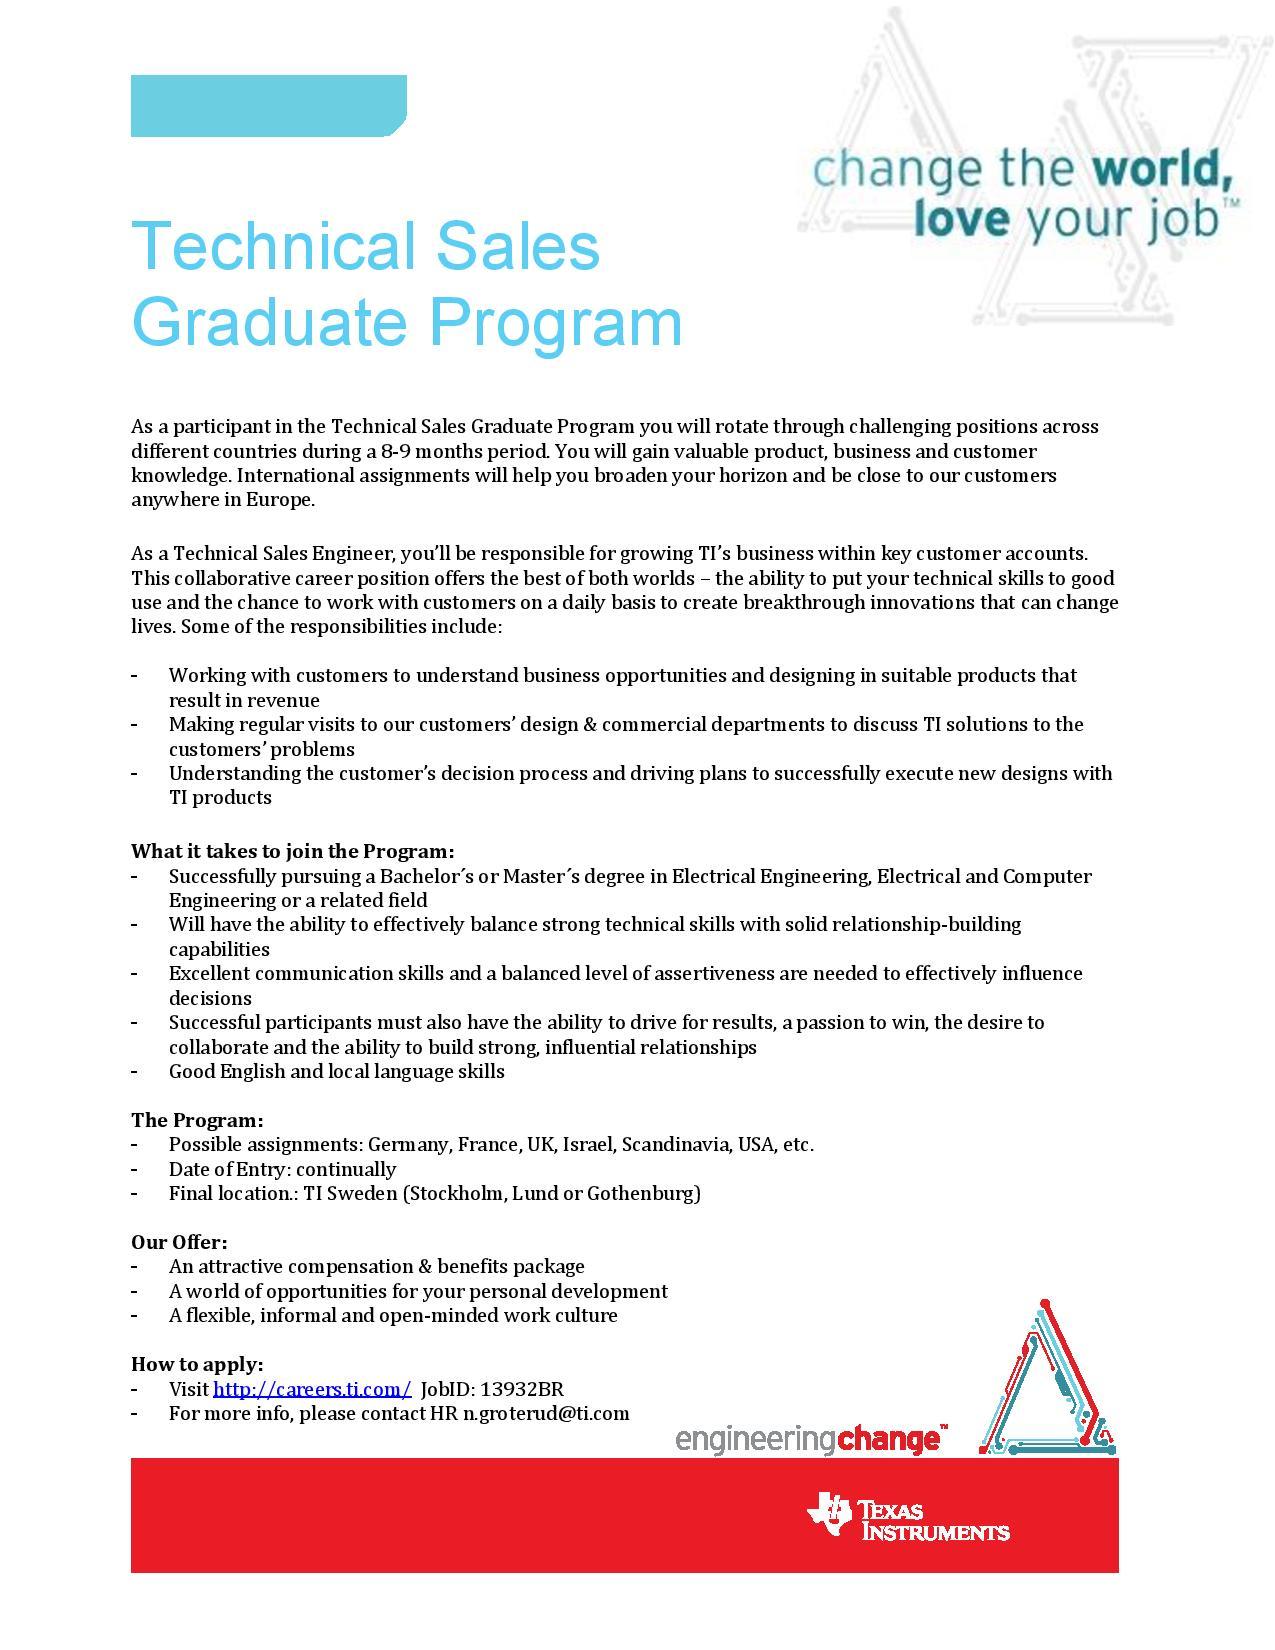 Technical Sales Graduate Program_Sweden-page-001